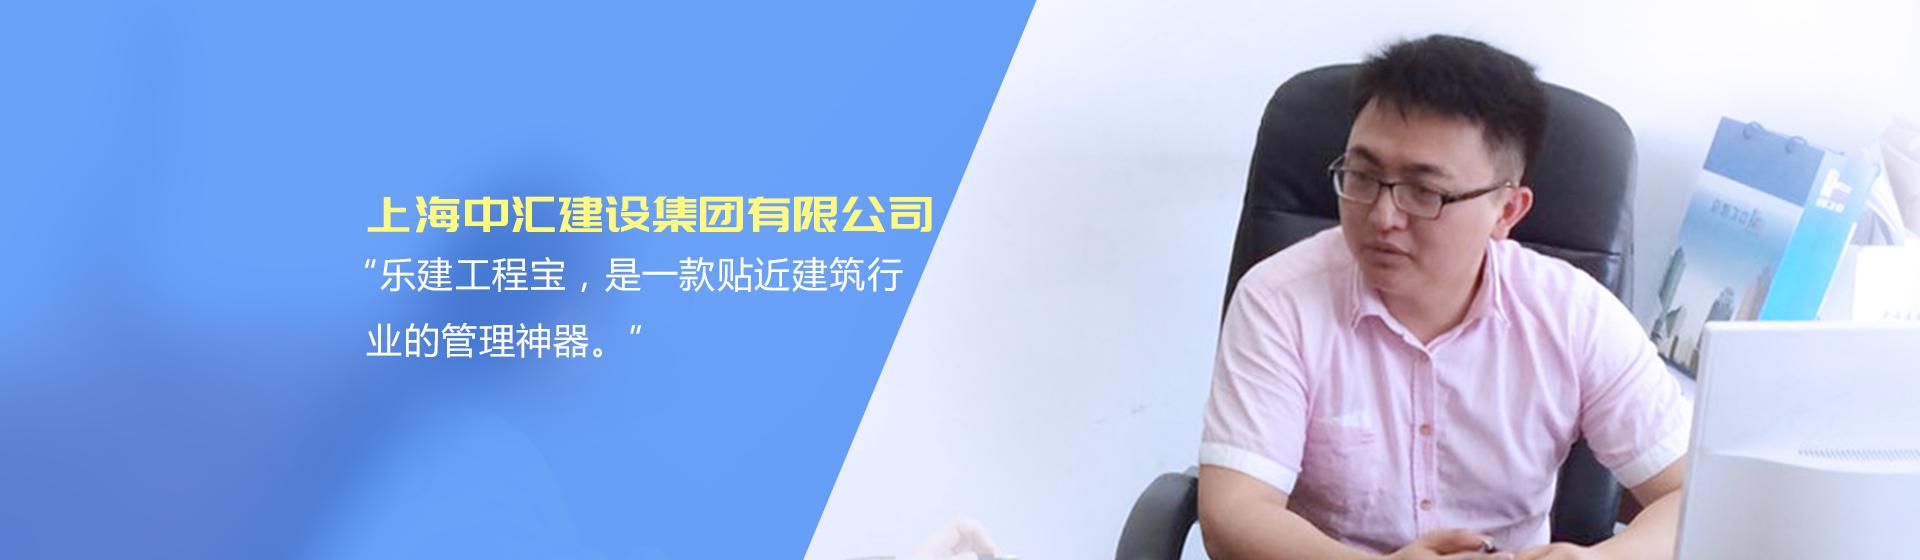 【乐建工程宝】携手上海中汇,打造建筑企业管理平台,提升协同效率